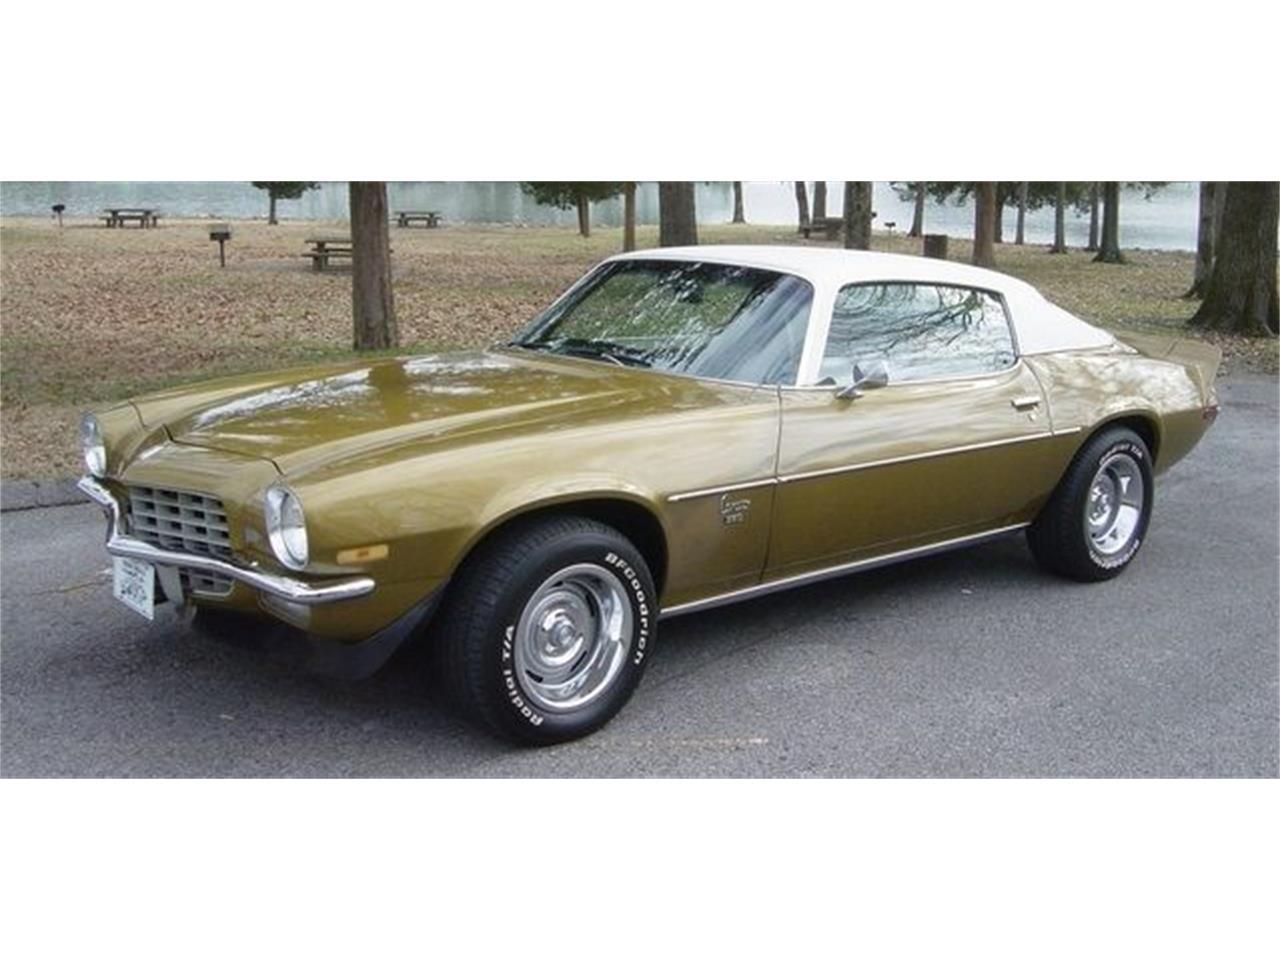 1972 Chevrolet Camaro For Sale Classiccars Com Cc 1180324